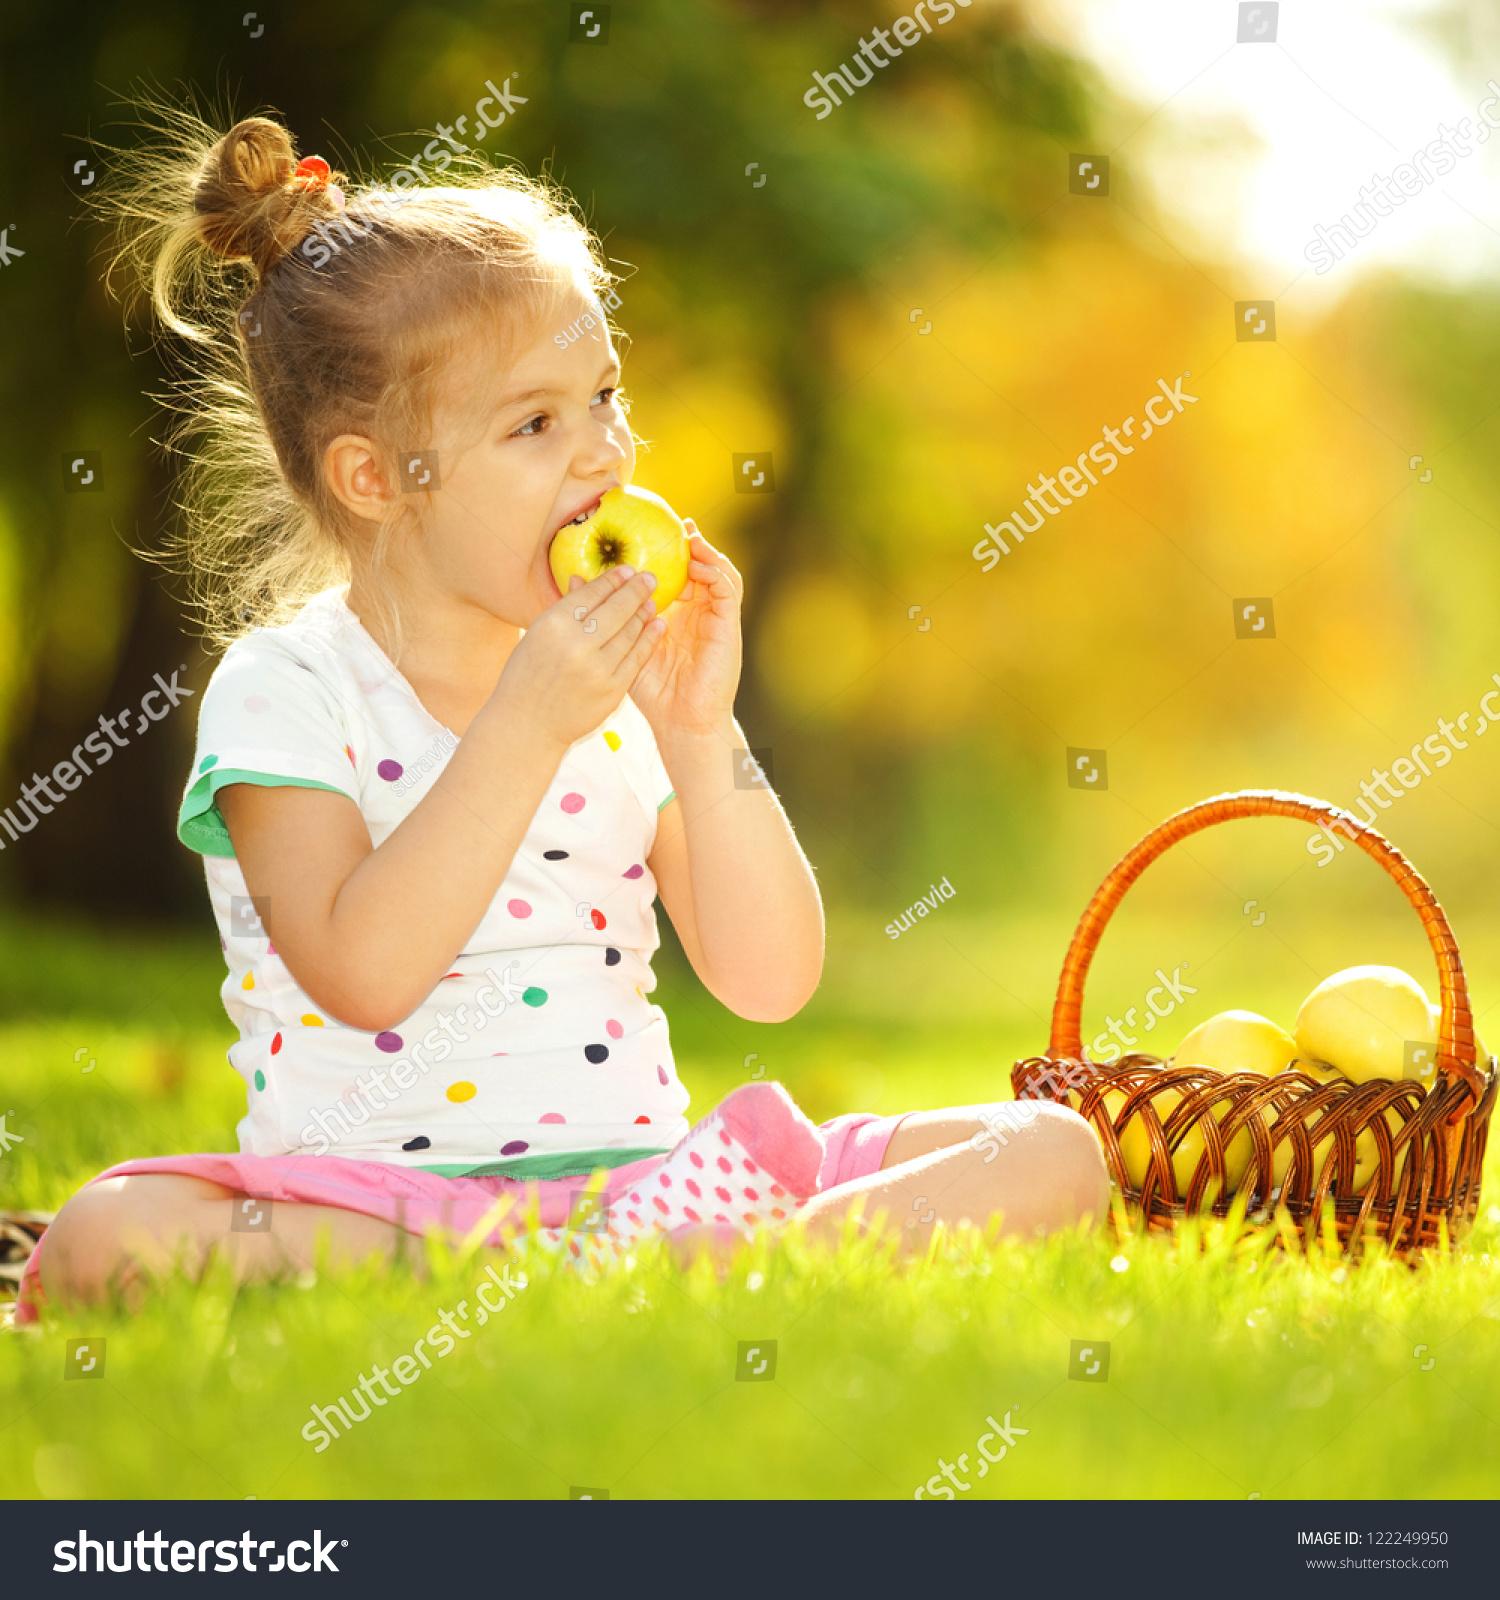 可爱的小女孩在公园里吃苹果